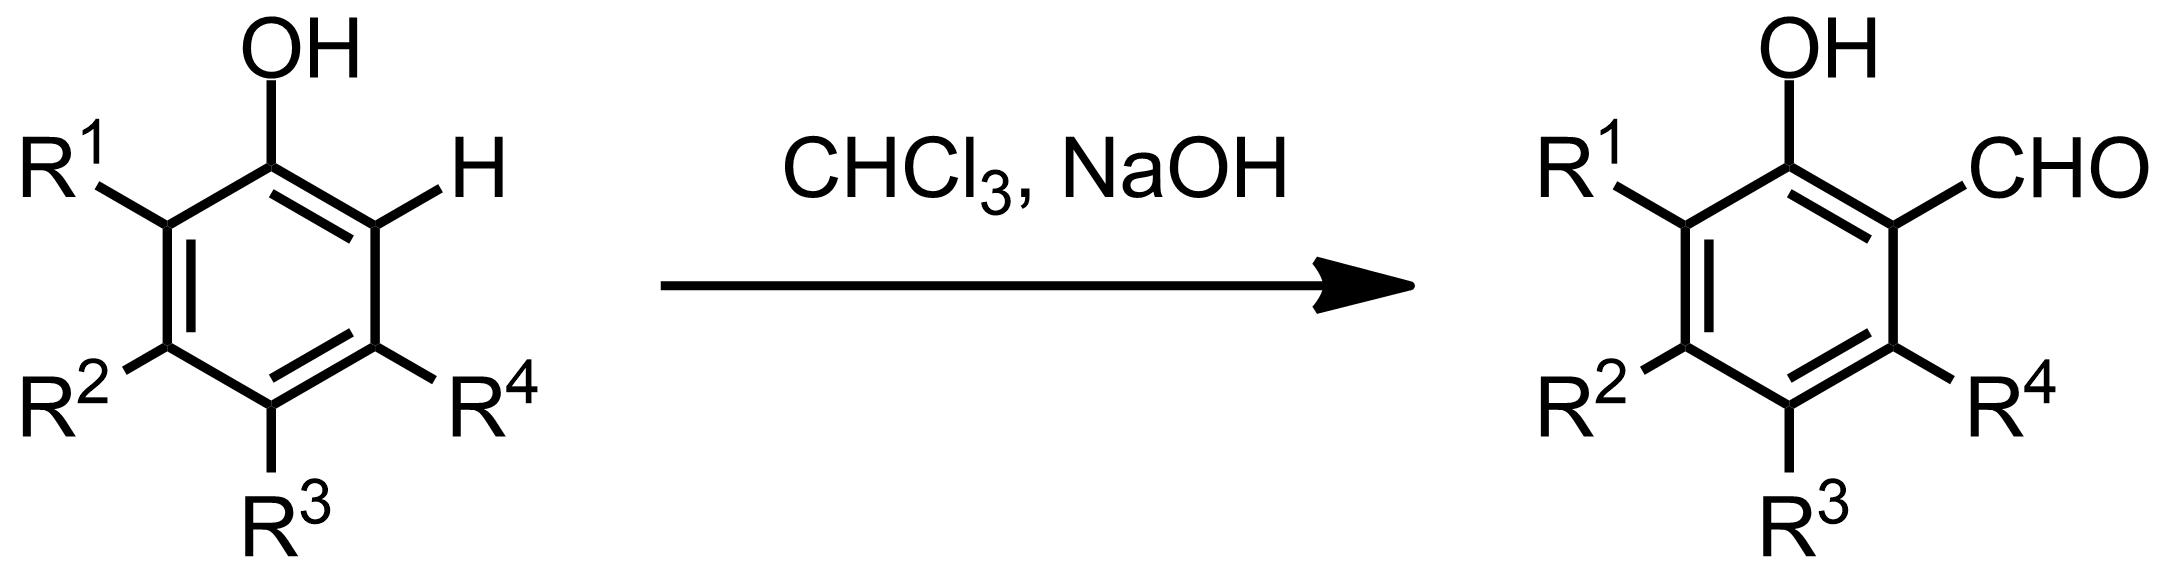 Schematic representation of the Reimer-Tiemann Formylation.